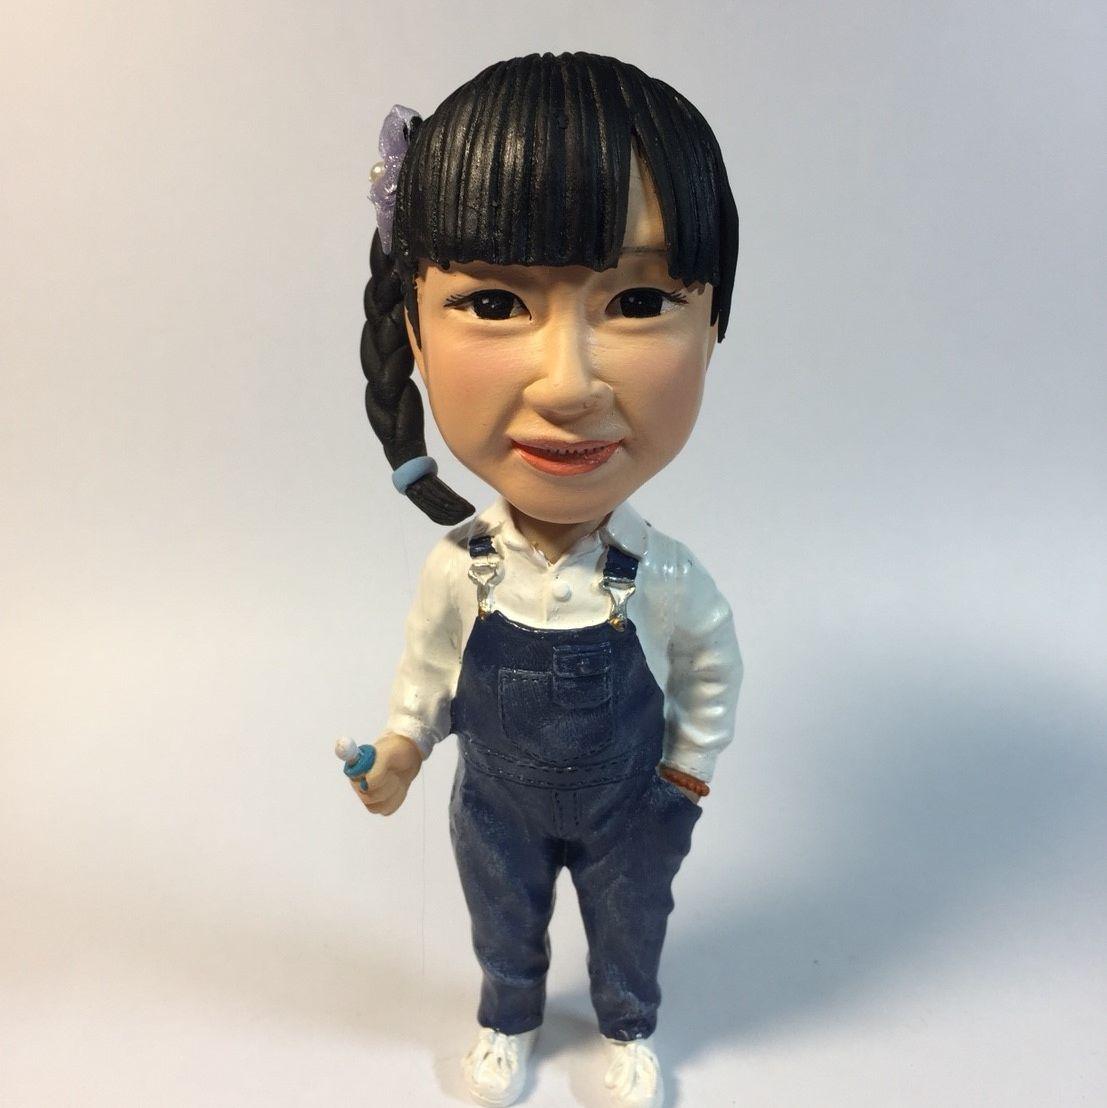 女生熱門公仔娃娃